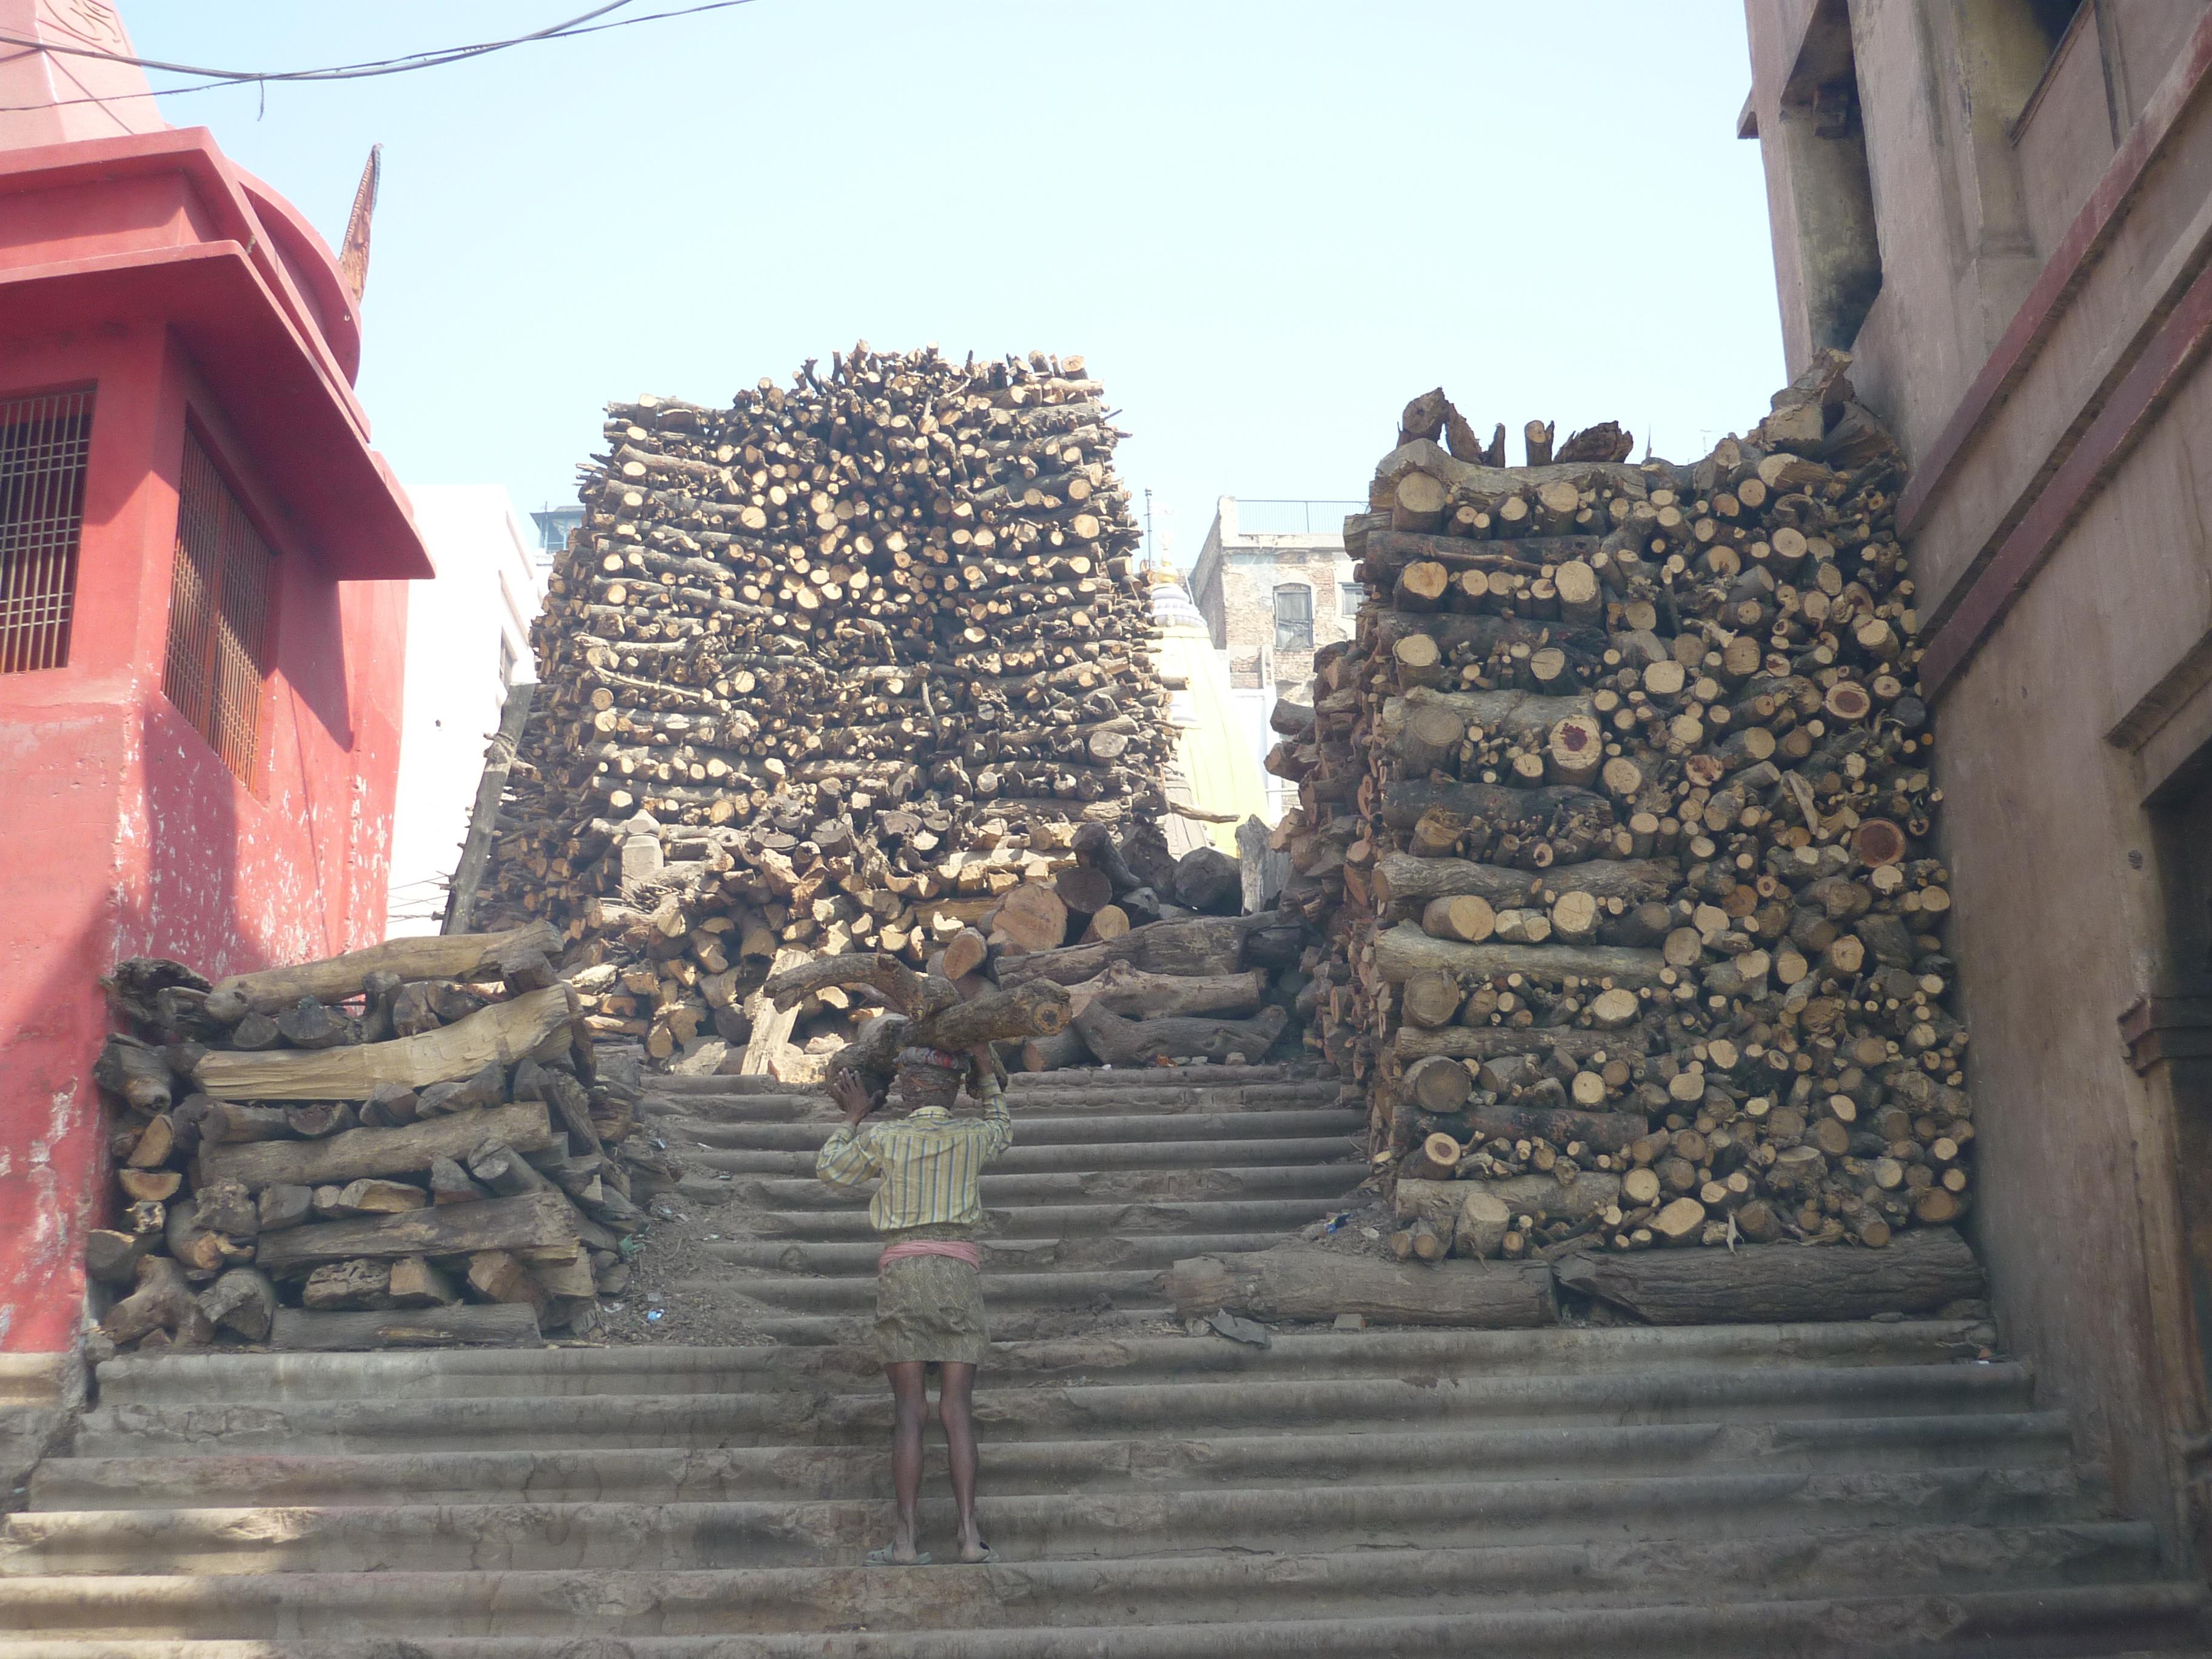 Varanasi (Manikarnika Ghat) // Als Ghat bezeichnet man die Stufen zum Ufer des Ganges. Der Manikarnika Ghat ist Haupt-Verbrennungsghat und einer der günstigsten Orte, um Verbrennungen beobachten zu können. Die Scheiterhaufen lodern rund um die Uhr. Lebende sitzen auf Bänken und blicken in die Flammen, als wäre es ein Grillfeuer. Man sieht Arme aus dem Feuer ragen, erkennt den Schädel des Toten, Asche fliegt durch die Luft und sammelt sich auf der Haut. Ist ein Scheiterhaufen erloschen, wird die Asche dem Ganges übergeben und bildet eine schwarze Schicht auf der Wasseroberfläche. Keine zehn Meter weiter baden Kinder im Fluss und prusten Wasser aus ihrem Mund. Daneben angelt ein Mann nach Fischen oder ein Sadhu kostet vom heiligen Gangeswasser oder ein Bauer treibt seine Ochsen zur Abkühlung in das Nass. Viele Scheiterhaufen benötigen viel Holz. Auf diesem Foto sehen wir einen Dom (ein Mitglied aus der untersten Kaste), der neues Brennholz für eine weitere Leiche trägt. Am Manikarnika Ghat türmt sich das Holz, ausreichend für alle Toten aus der ganzen Welt. Zu viel Tod verursacht ein ungutes Gefühl. Deshalb reise ich weiter. Und zwar in den Himalaja, dem Sitz der Götter, nach Nepal ...